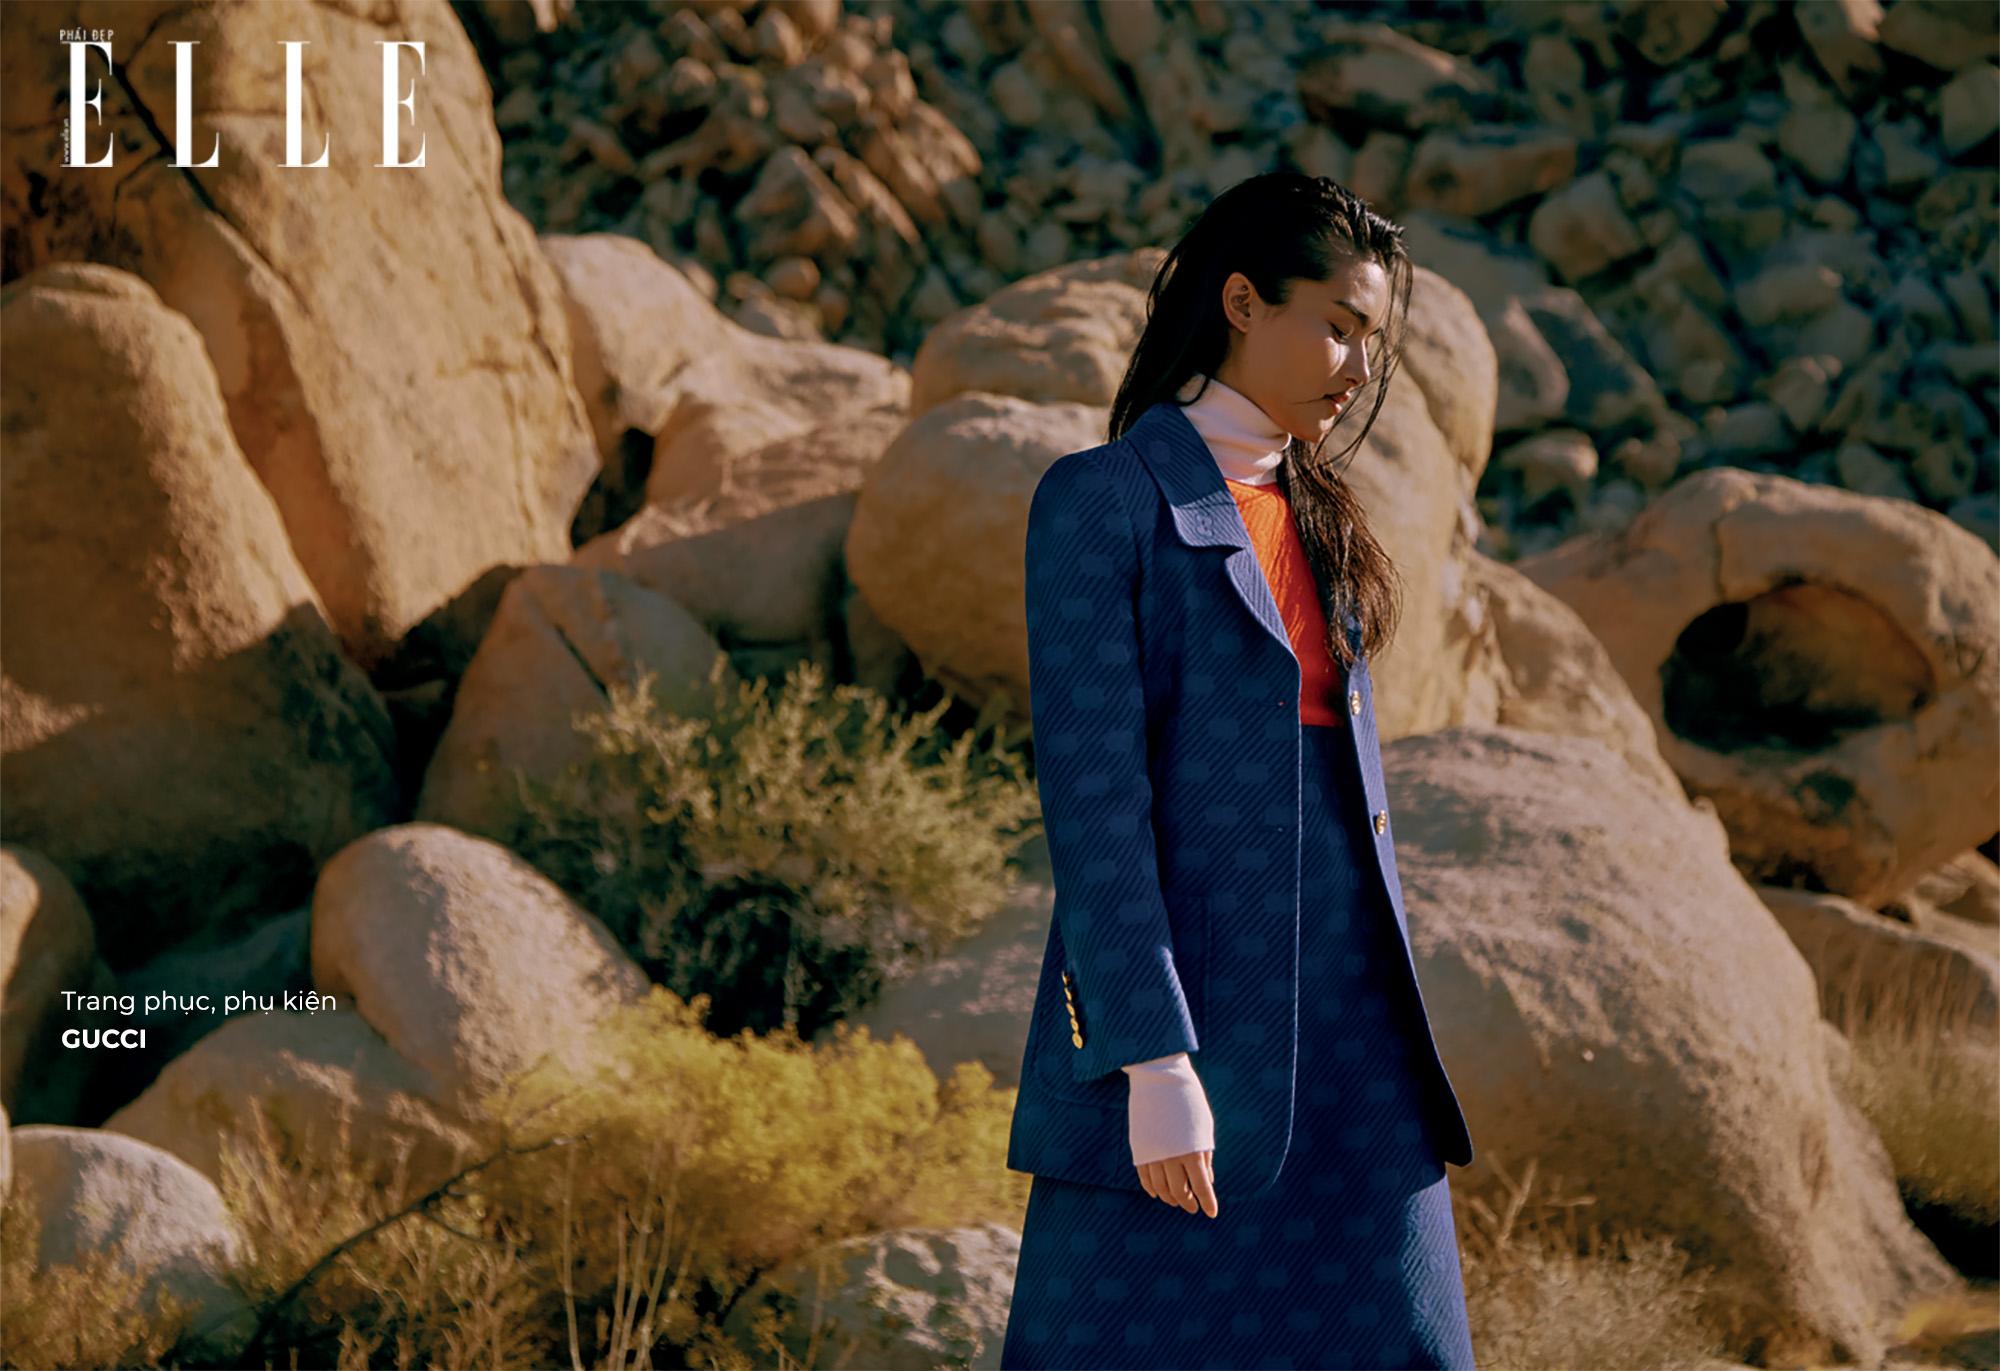 bộ ảnh trang phục Gucci màu xanh